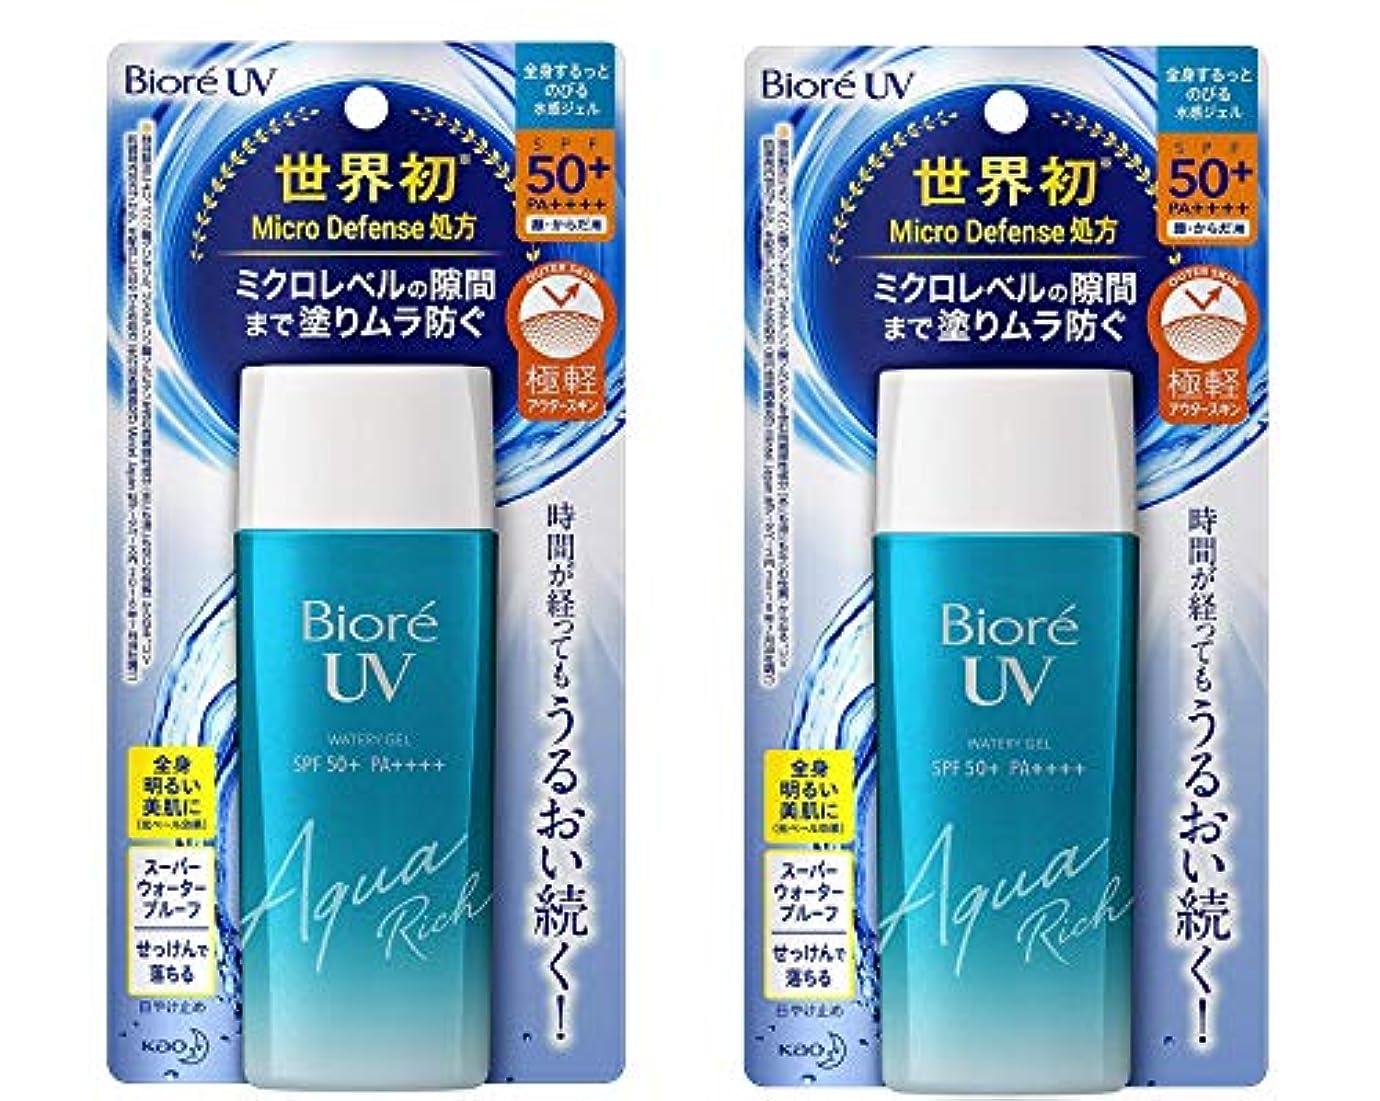 言及する練習ドック【まとめ販売2個セット】ビオレ UV アクアリッチ ウォータリージェル SPF50+